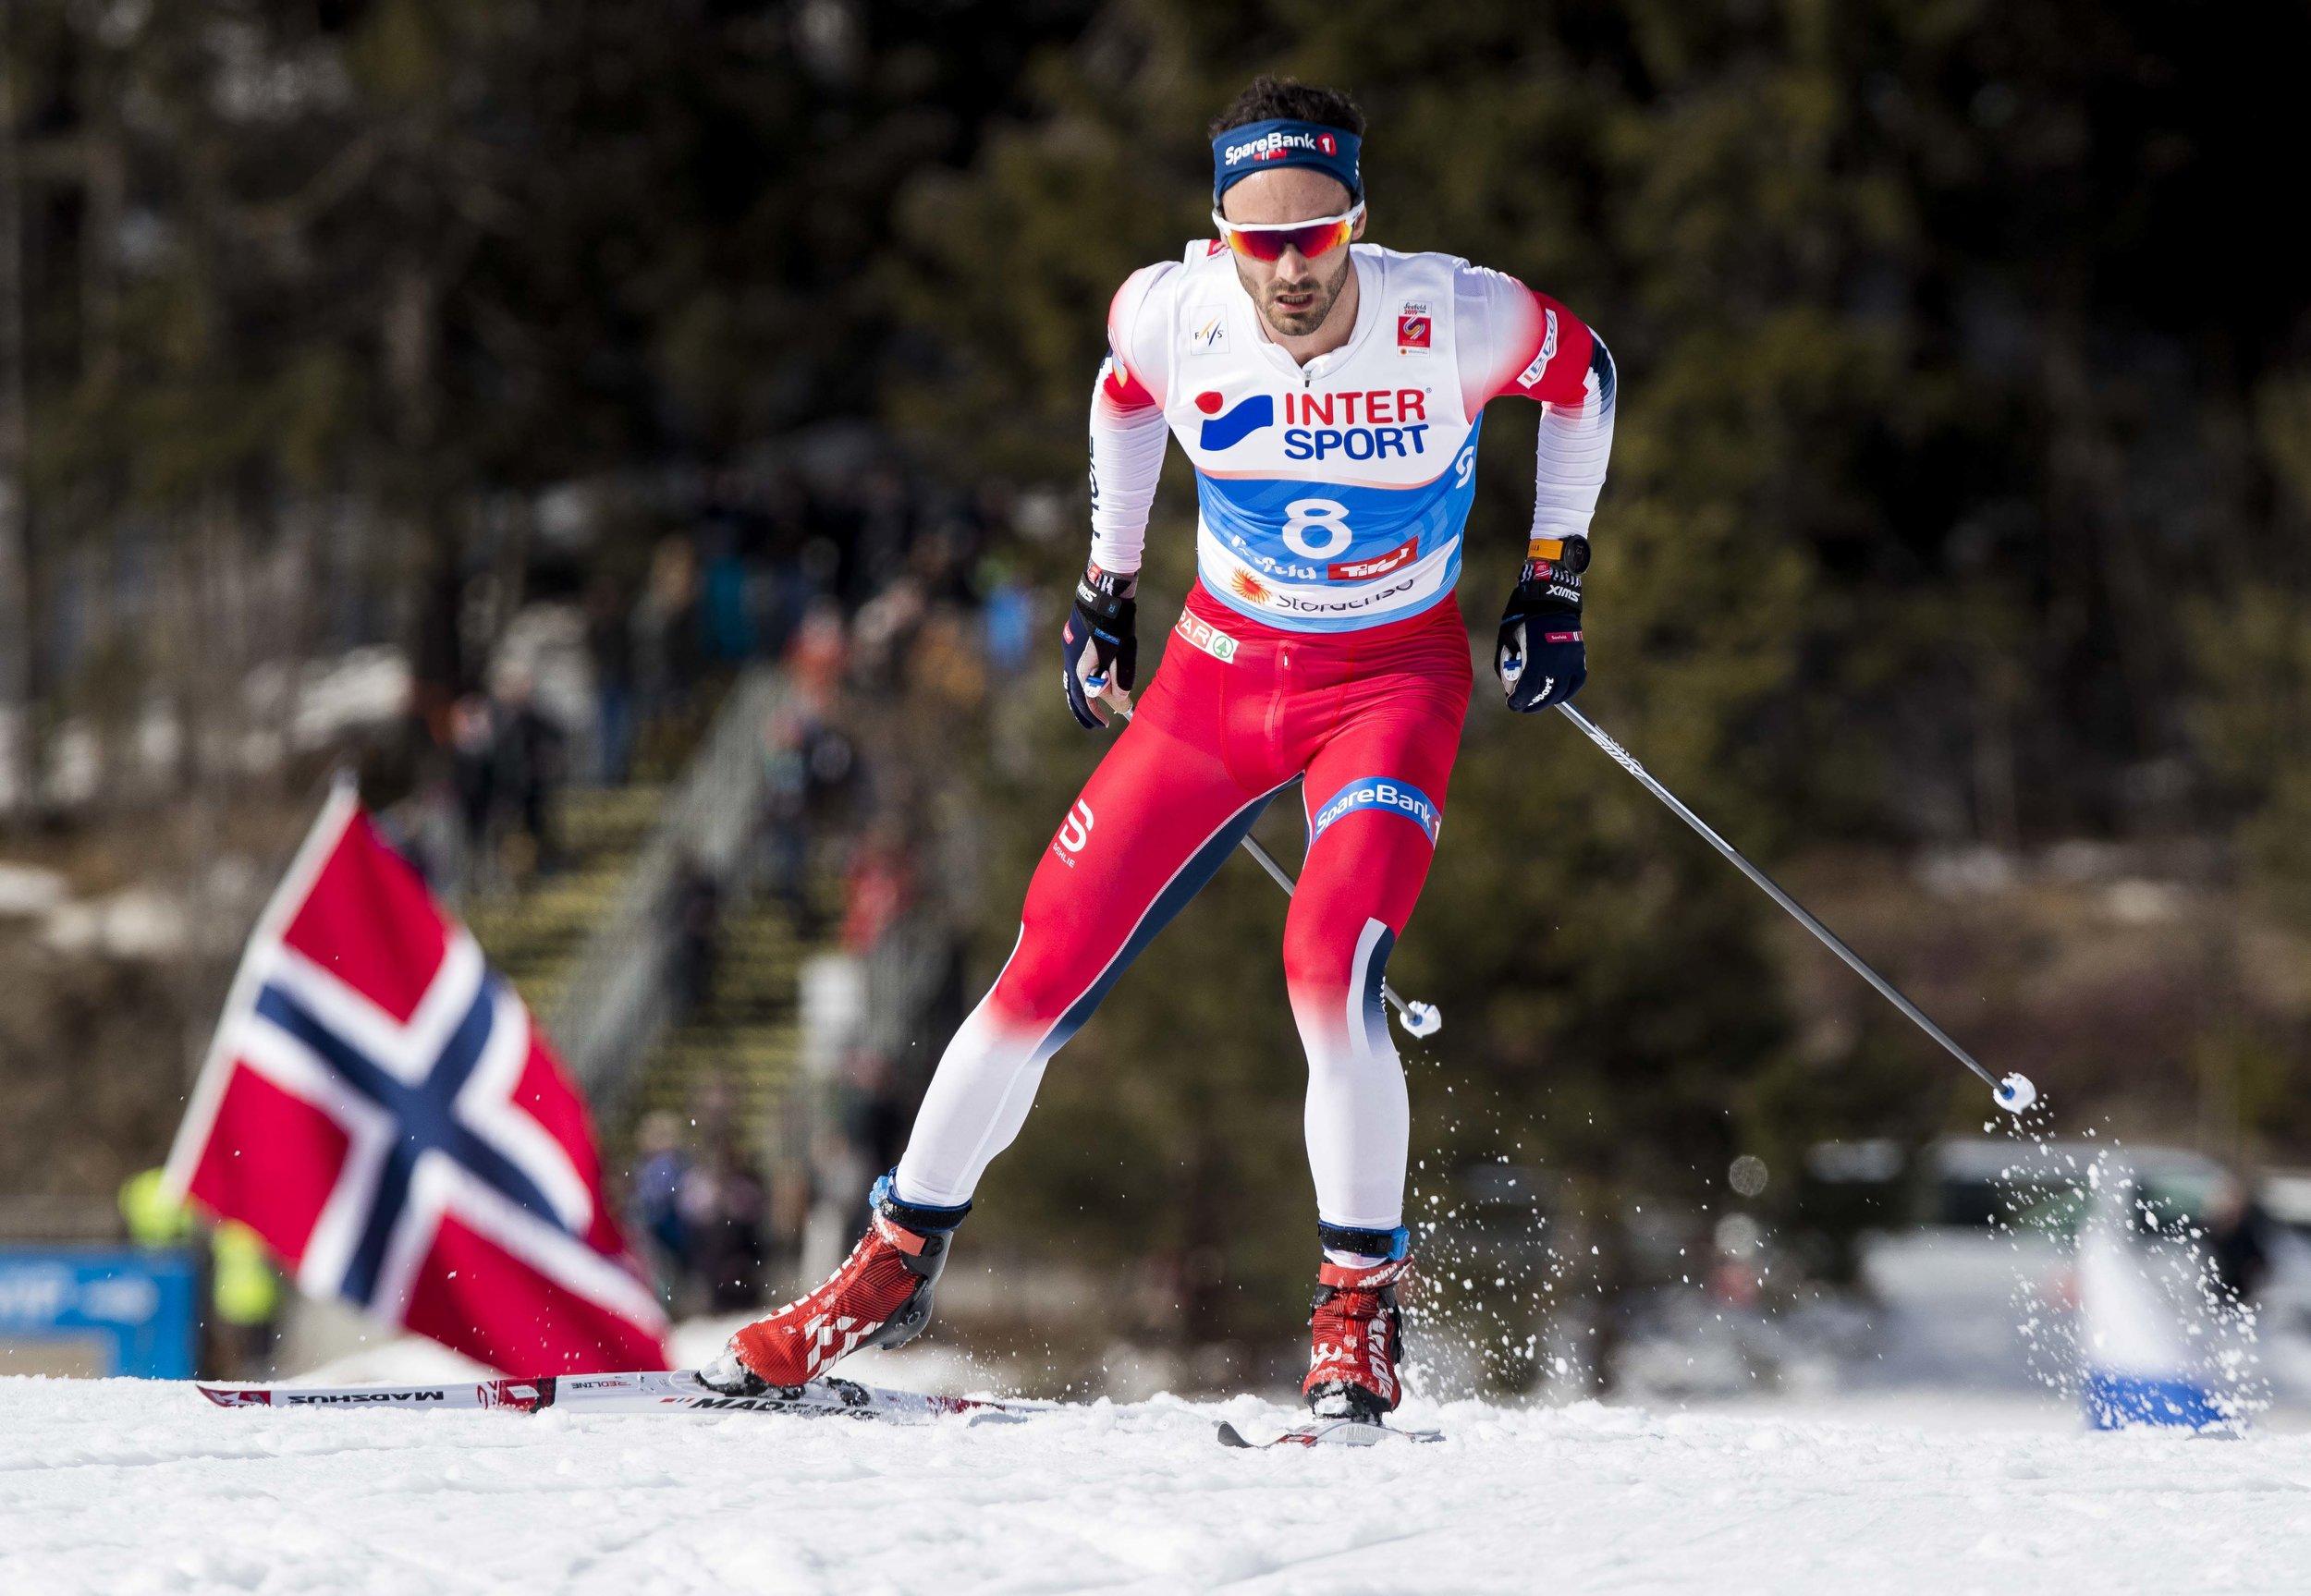 Hans Christer Holund vant den siste øvelsen i ski-VM, 50km for menn. FOTO: Terje Pedersen/NTB scanpix